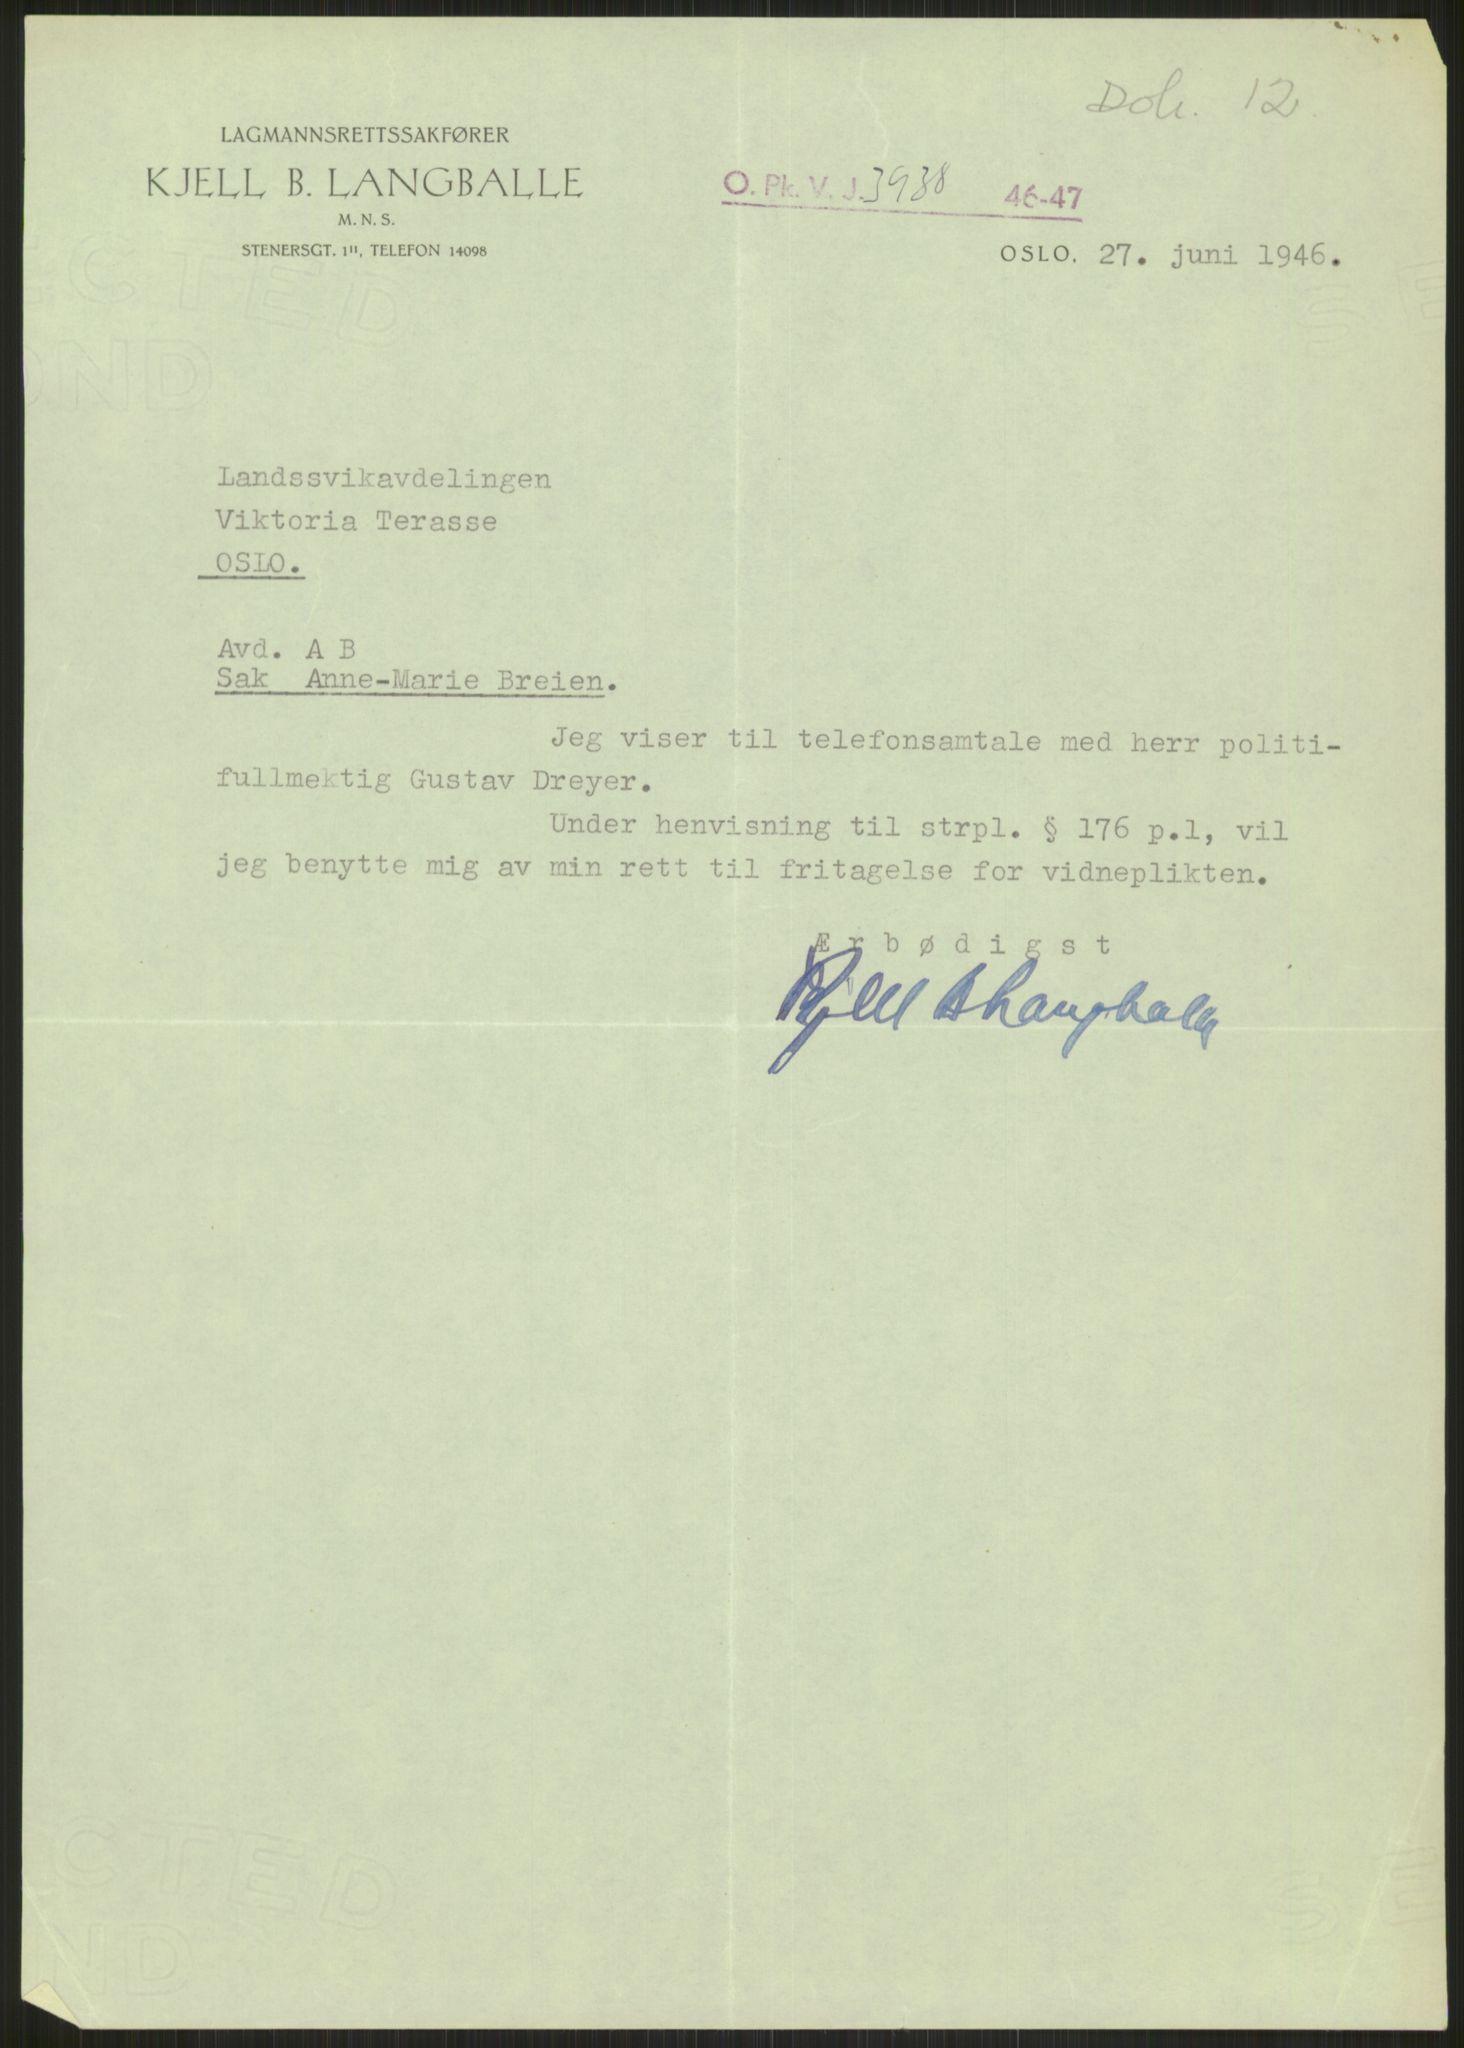 RA, Landssvikarkivet, Oslo politikammer, D/Dg/L0267: Henlagt hnr. 3658, 1945-1946, s. 241